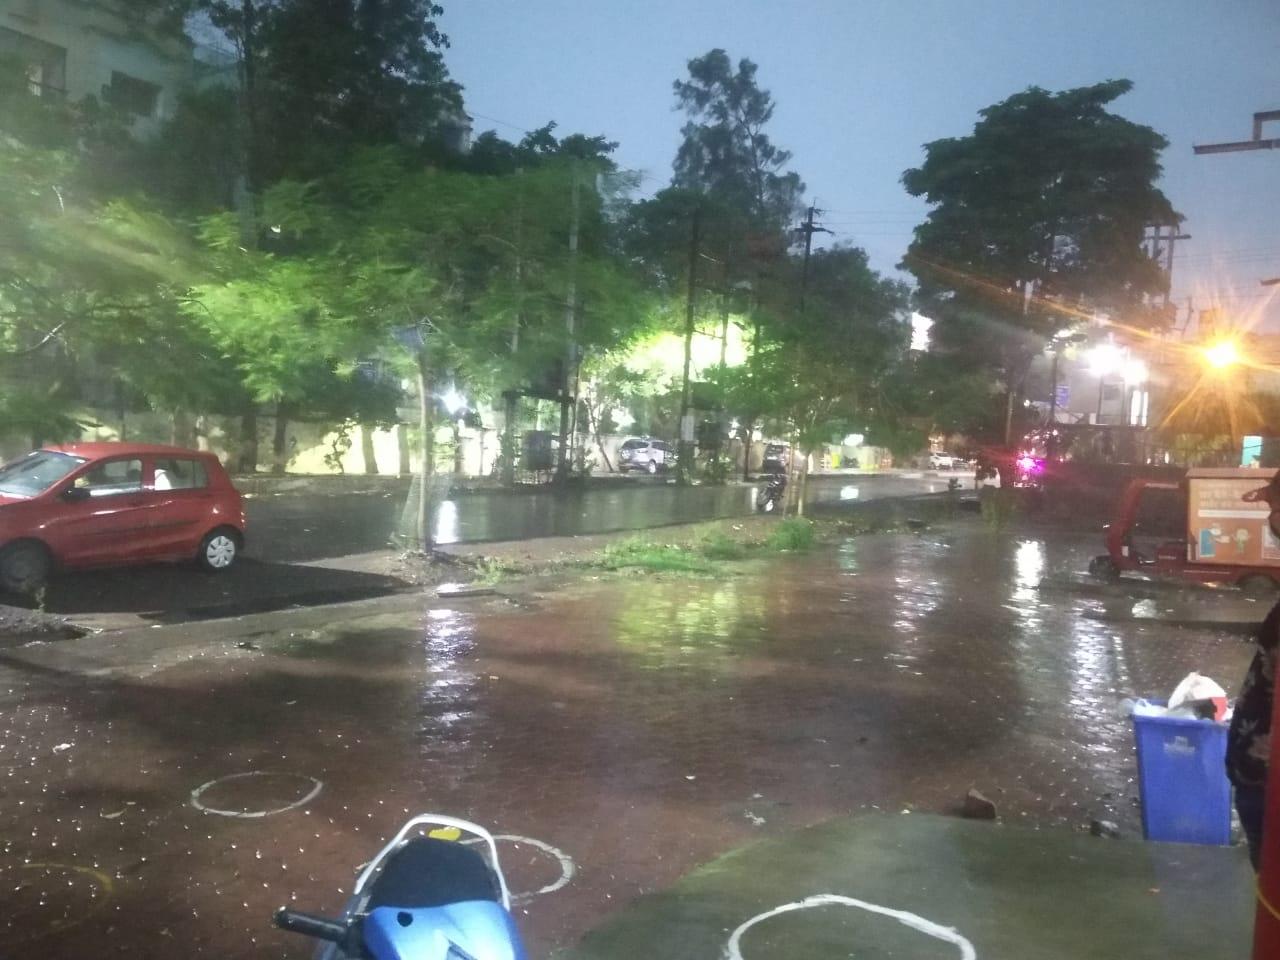 राजधानी समेत प्रदेश के सभी हिस्सो में बारिश की संभावना, सतना में 77.2 MM बारिश दर्ज|भोपाल,Bhopal - Dainik Bhaskar